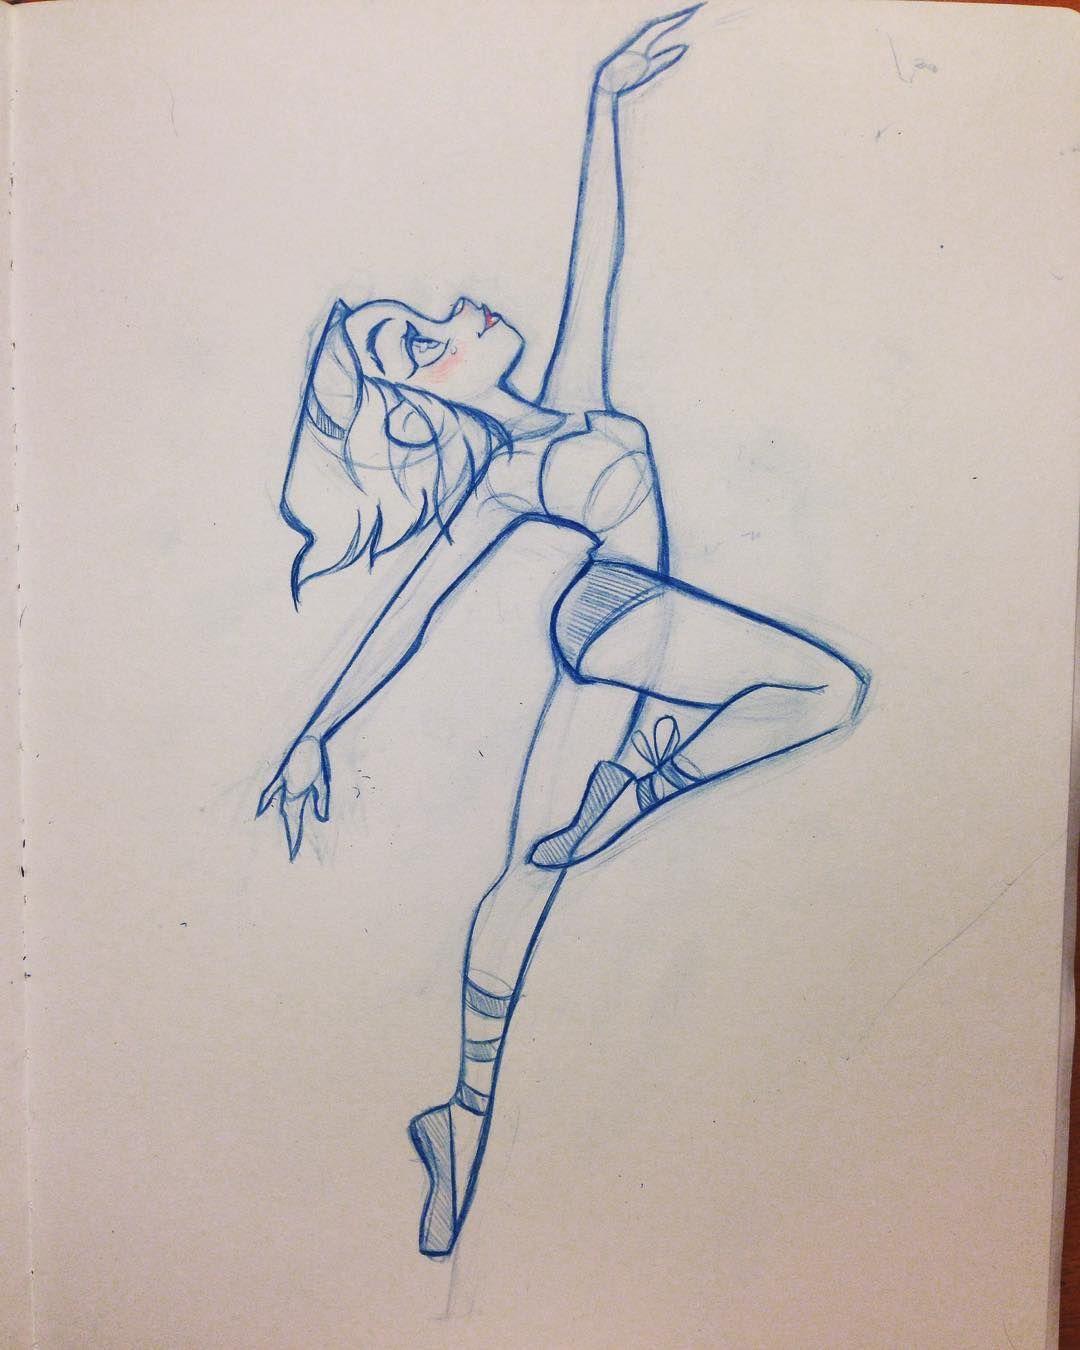 Dancer Sketch Design Ballet Girlsketch Characterdesign Art Dancer Silhouette Cute Dancing Drawings Ballet Drawings Cool Art Drawings